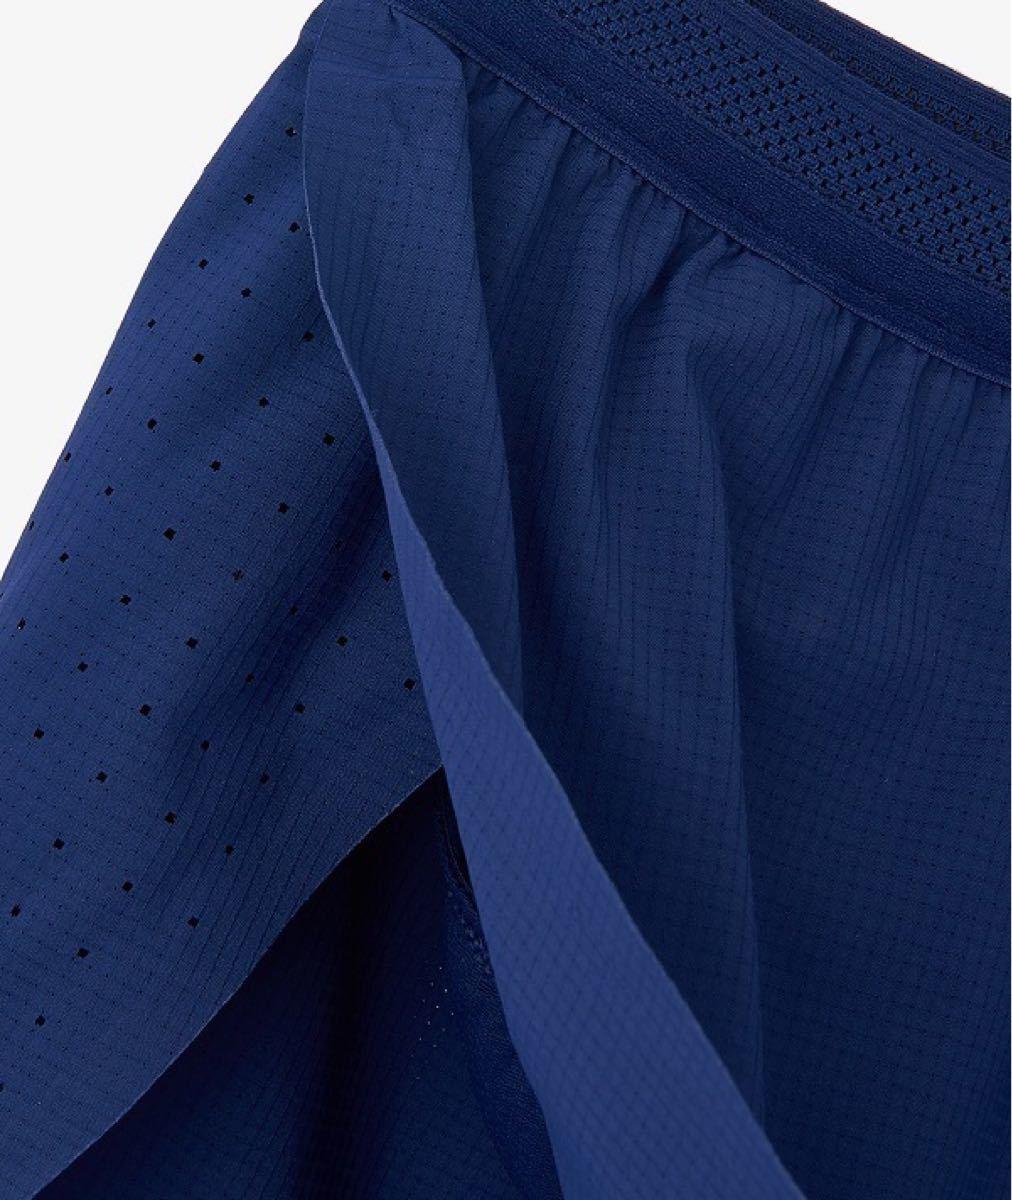 NIKE ナイキ エアロスイフト ブルーリボン ランニングショーツ XLサイズ